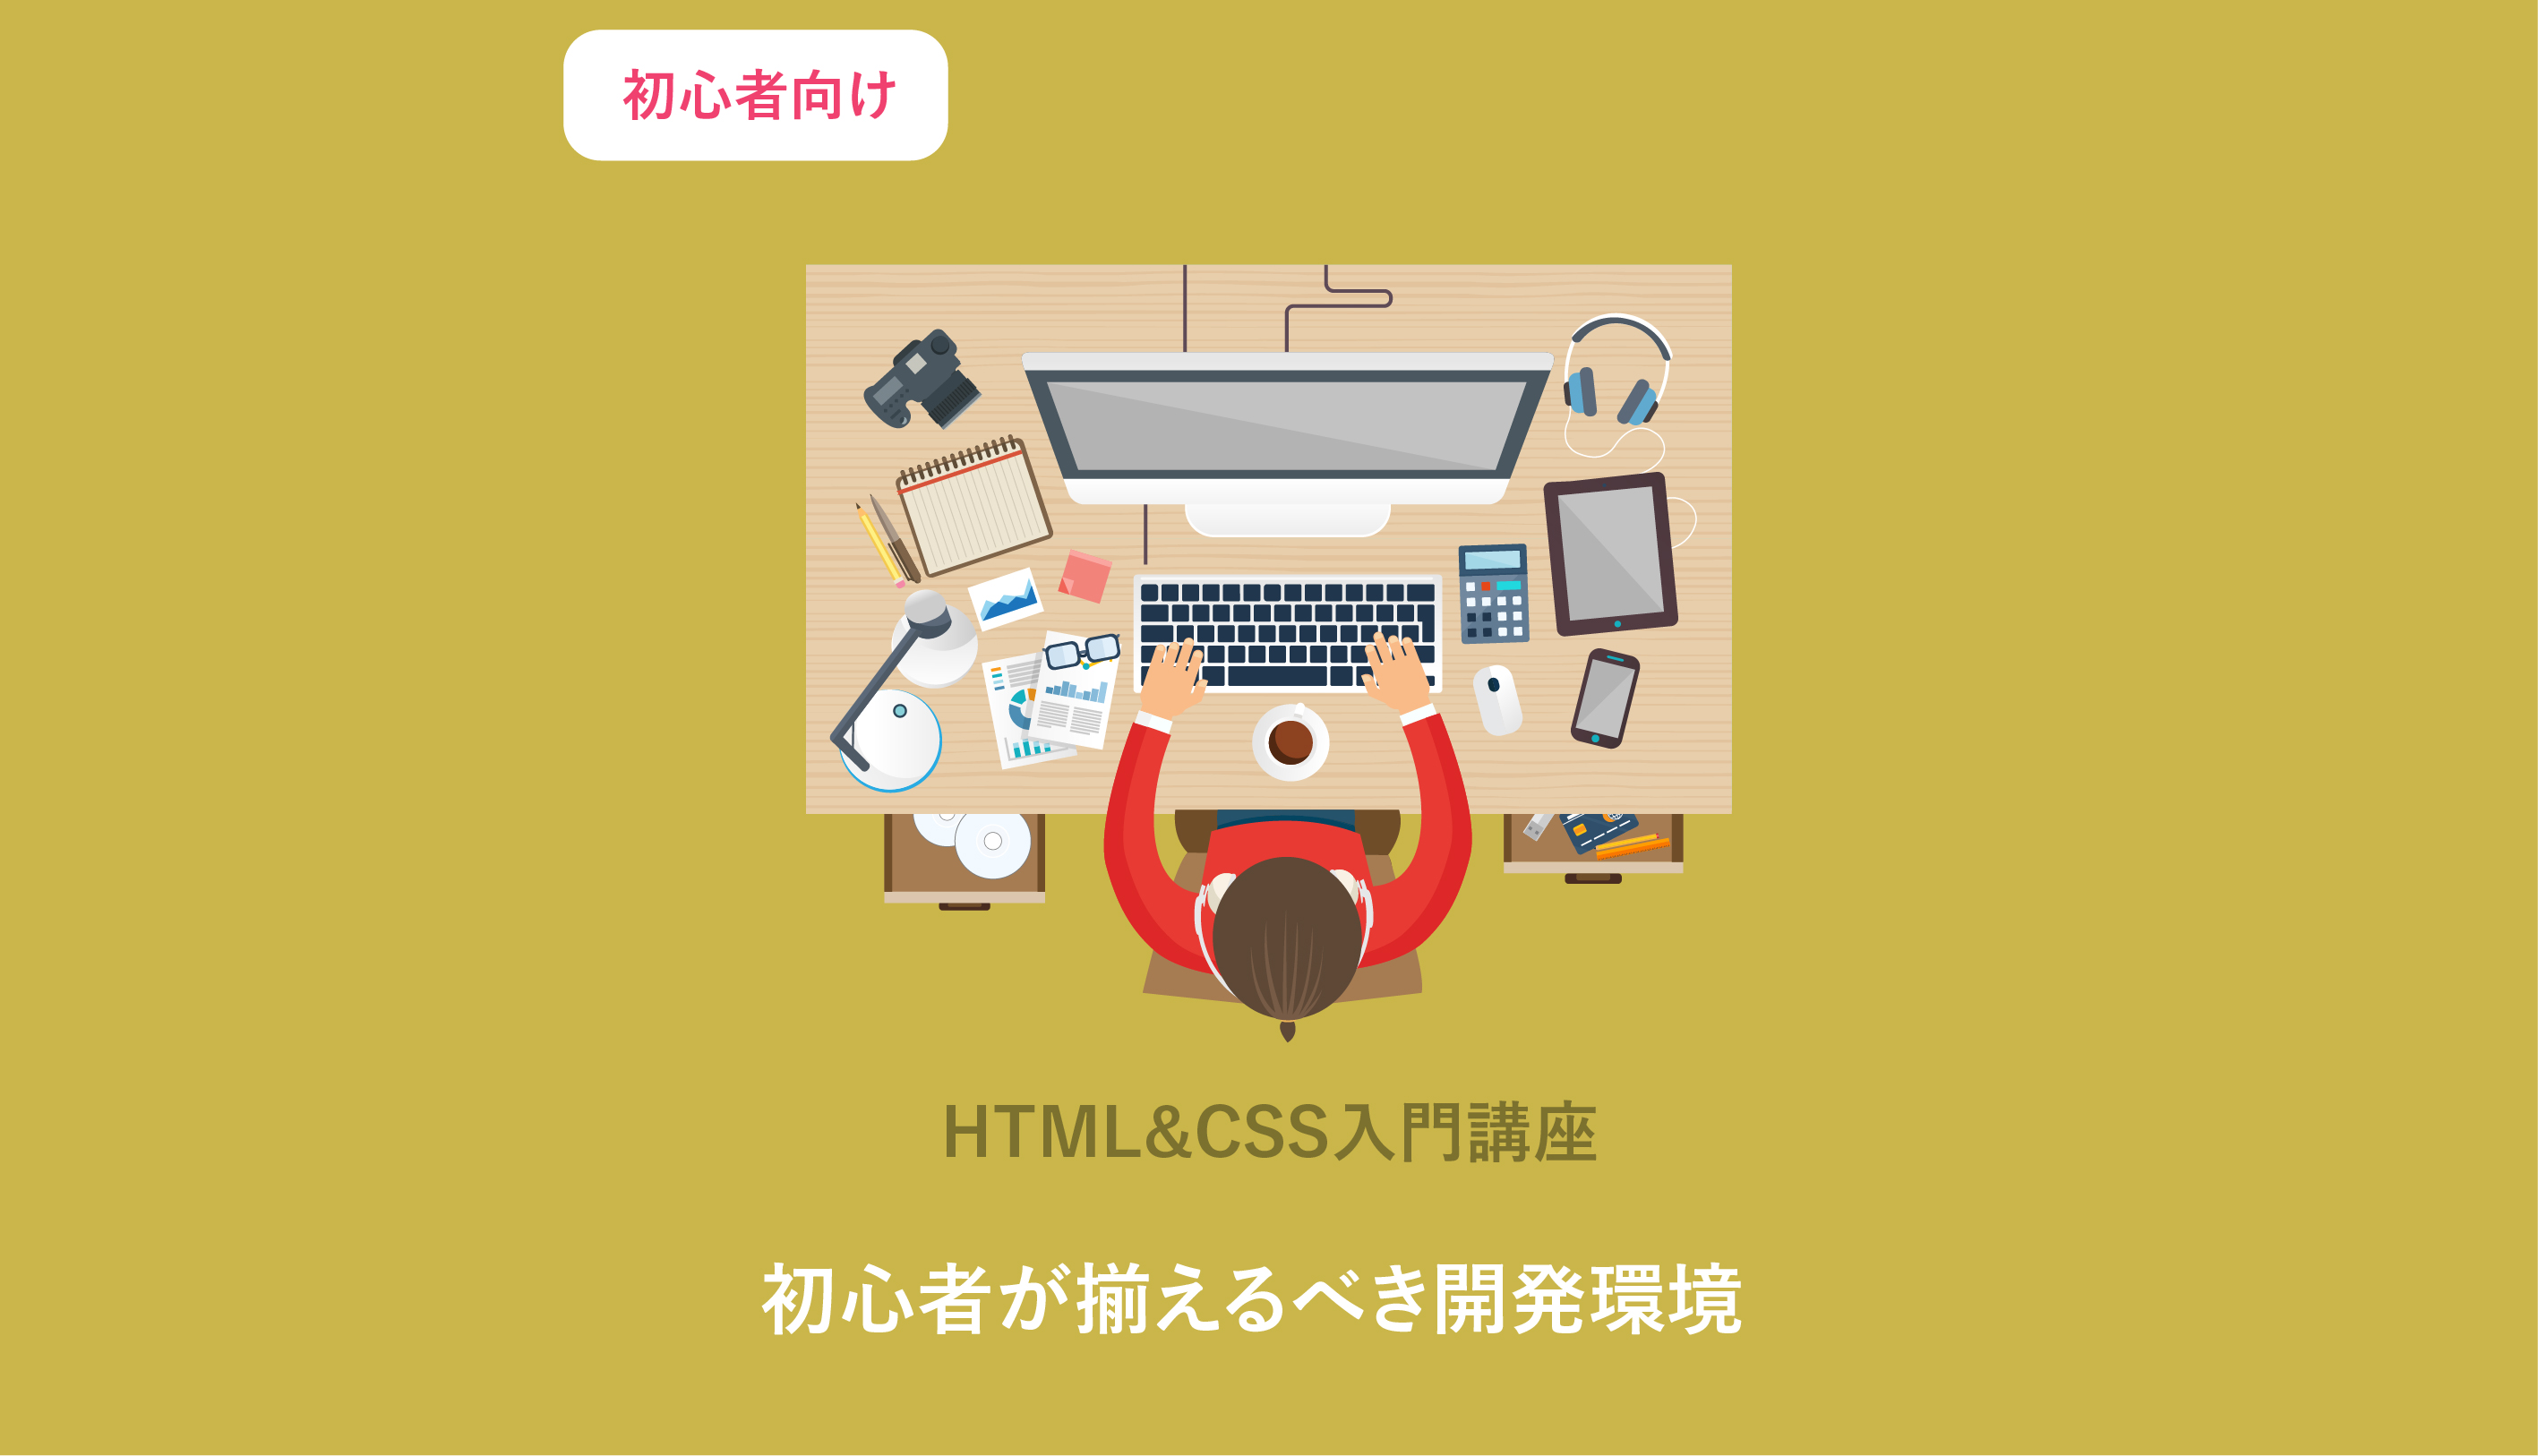 HTML・CSSの開発環境を整えよう【初心者にわかりやすく解説】